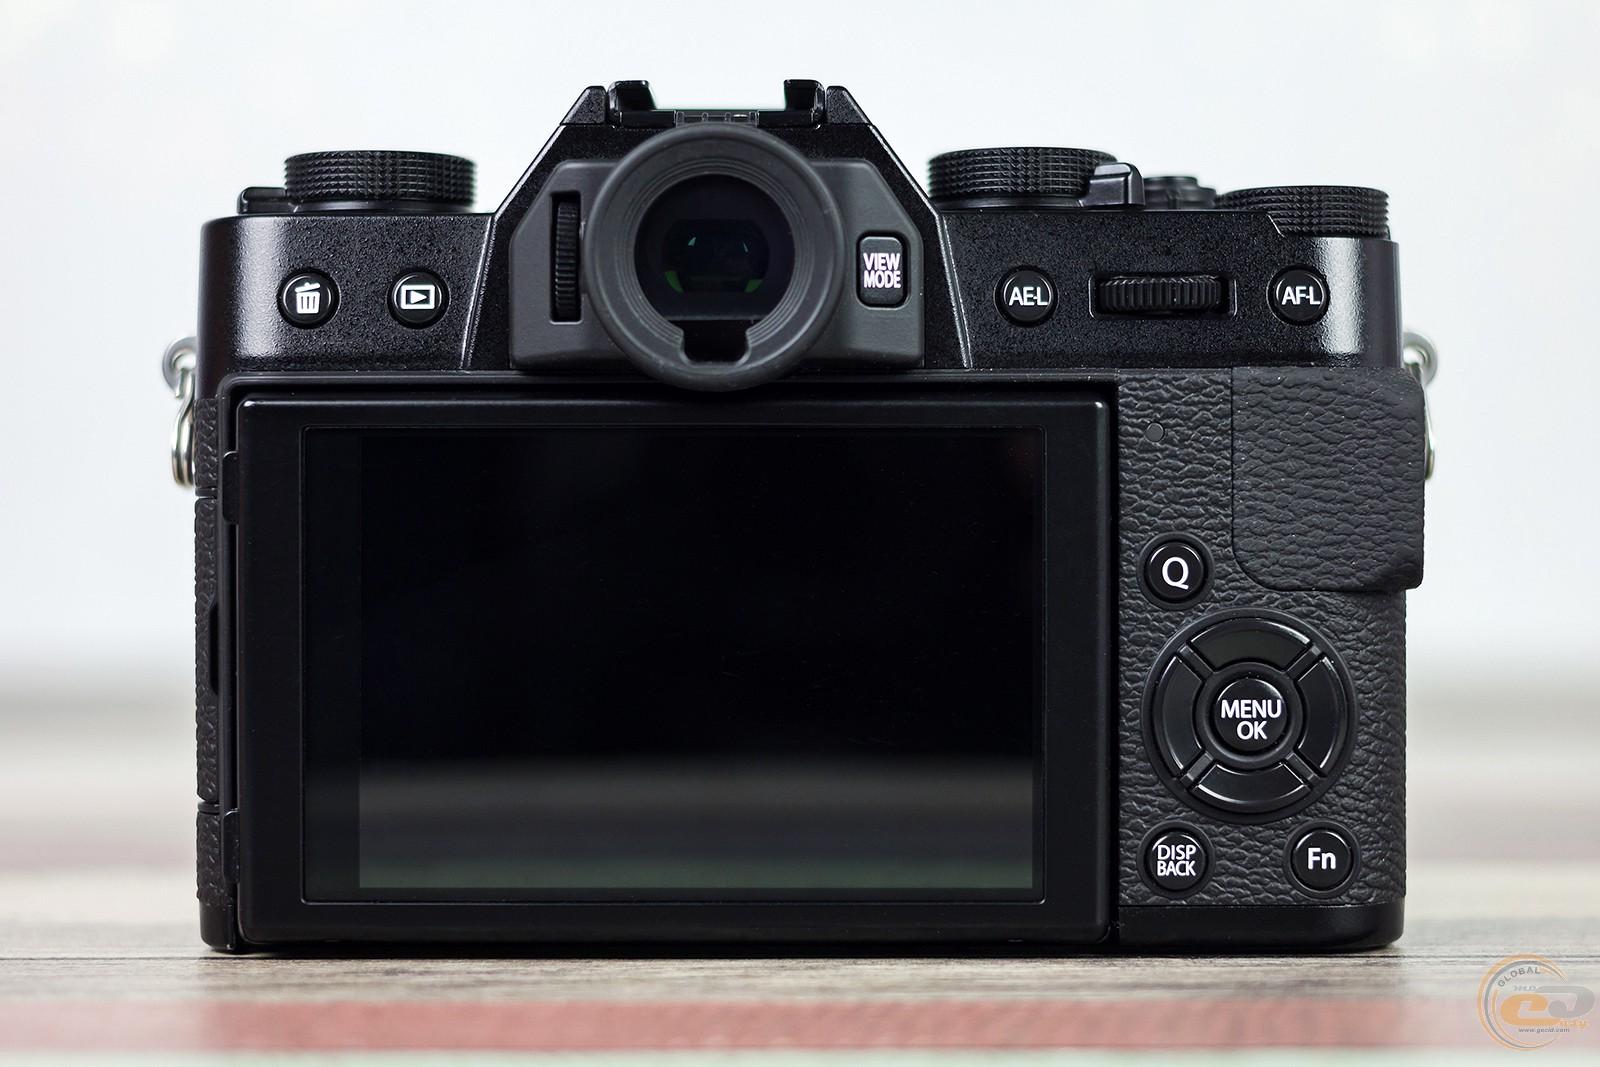 реальной жизни независимый тест компактных фотоаппаратов успеха девушки можно